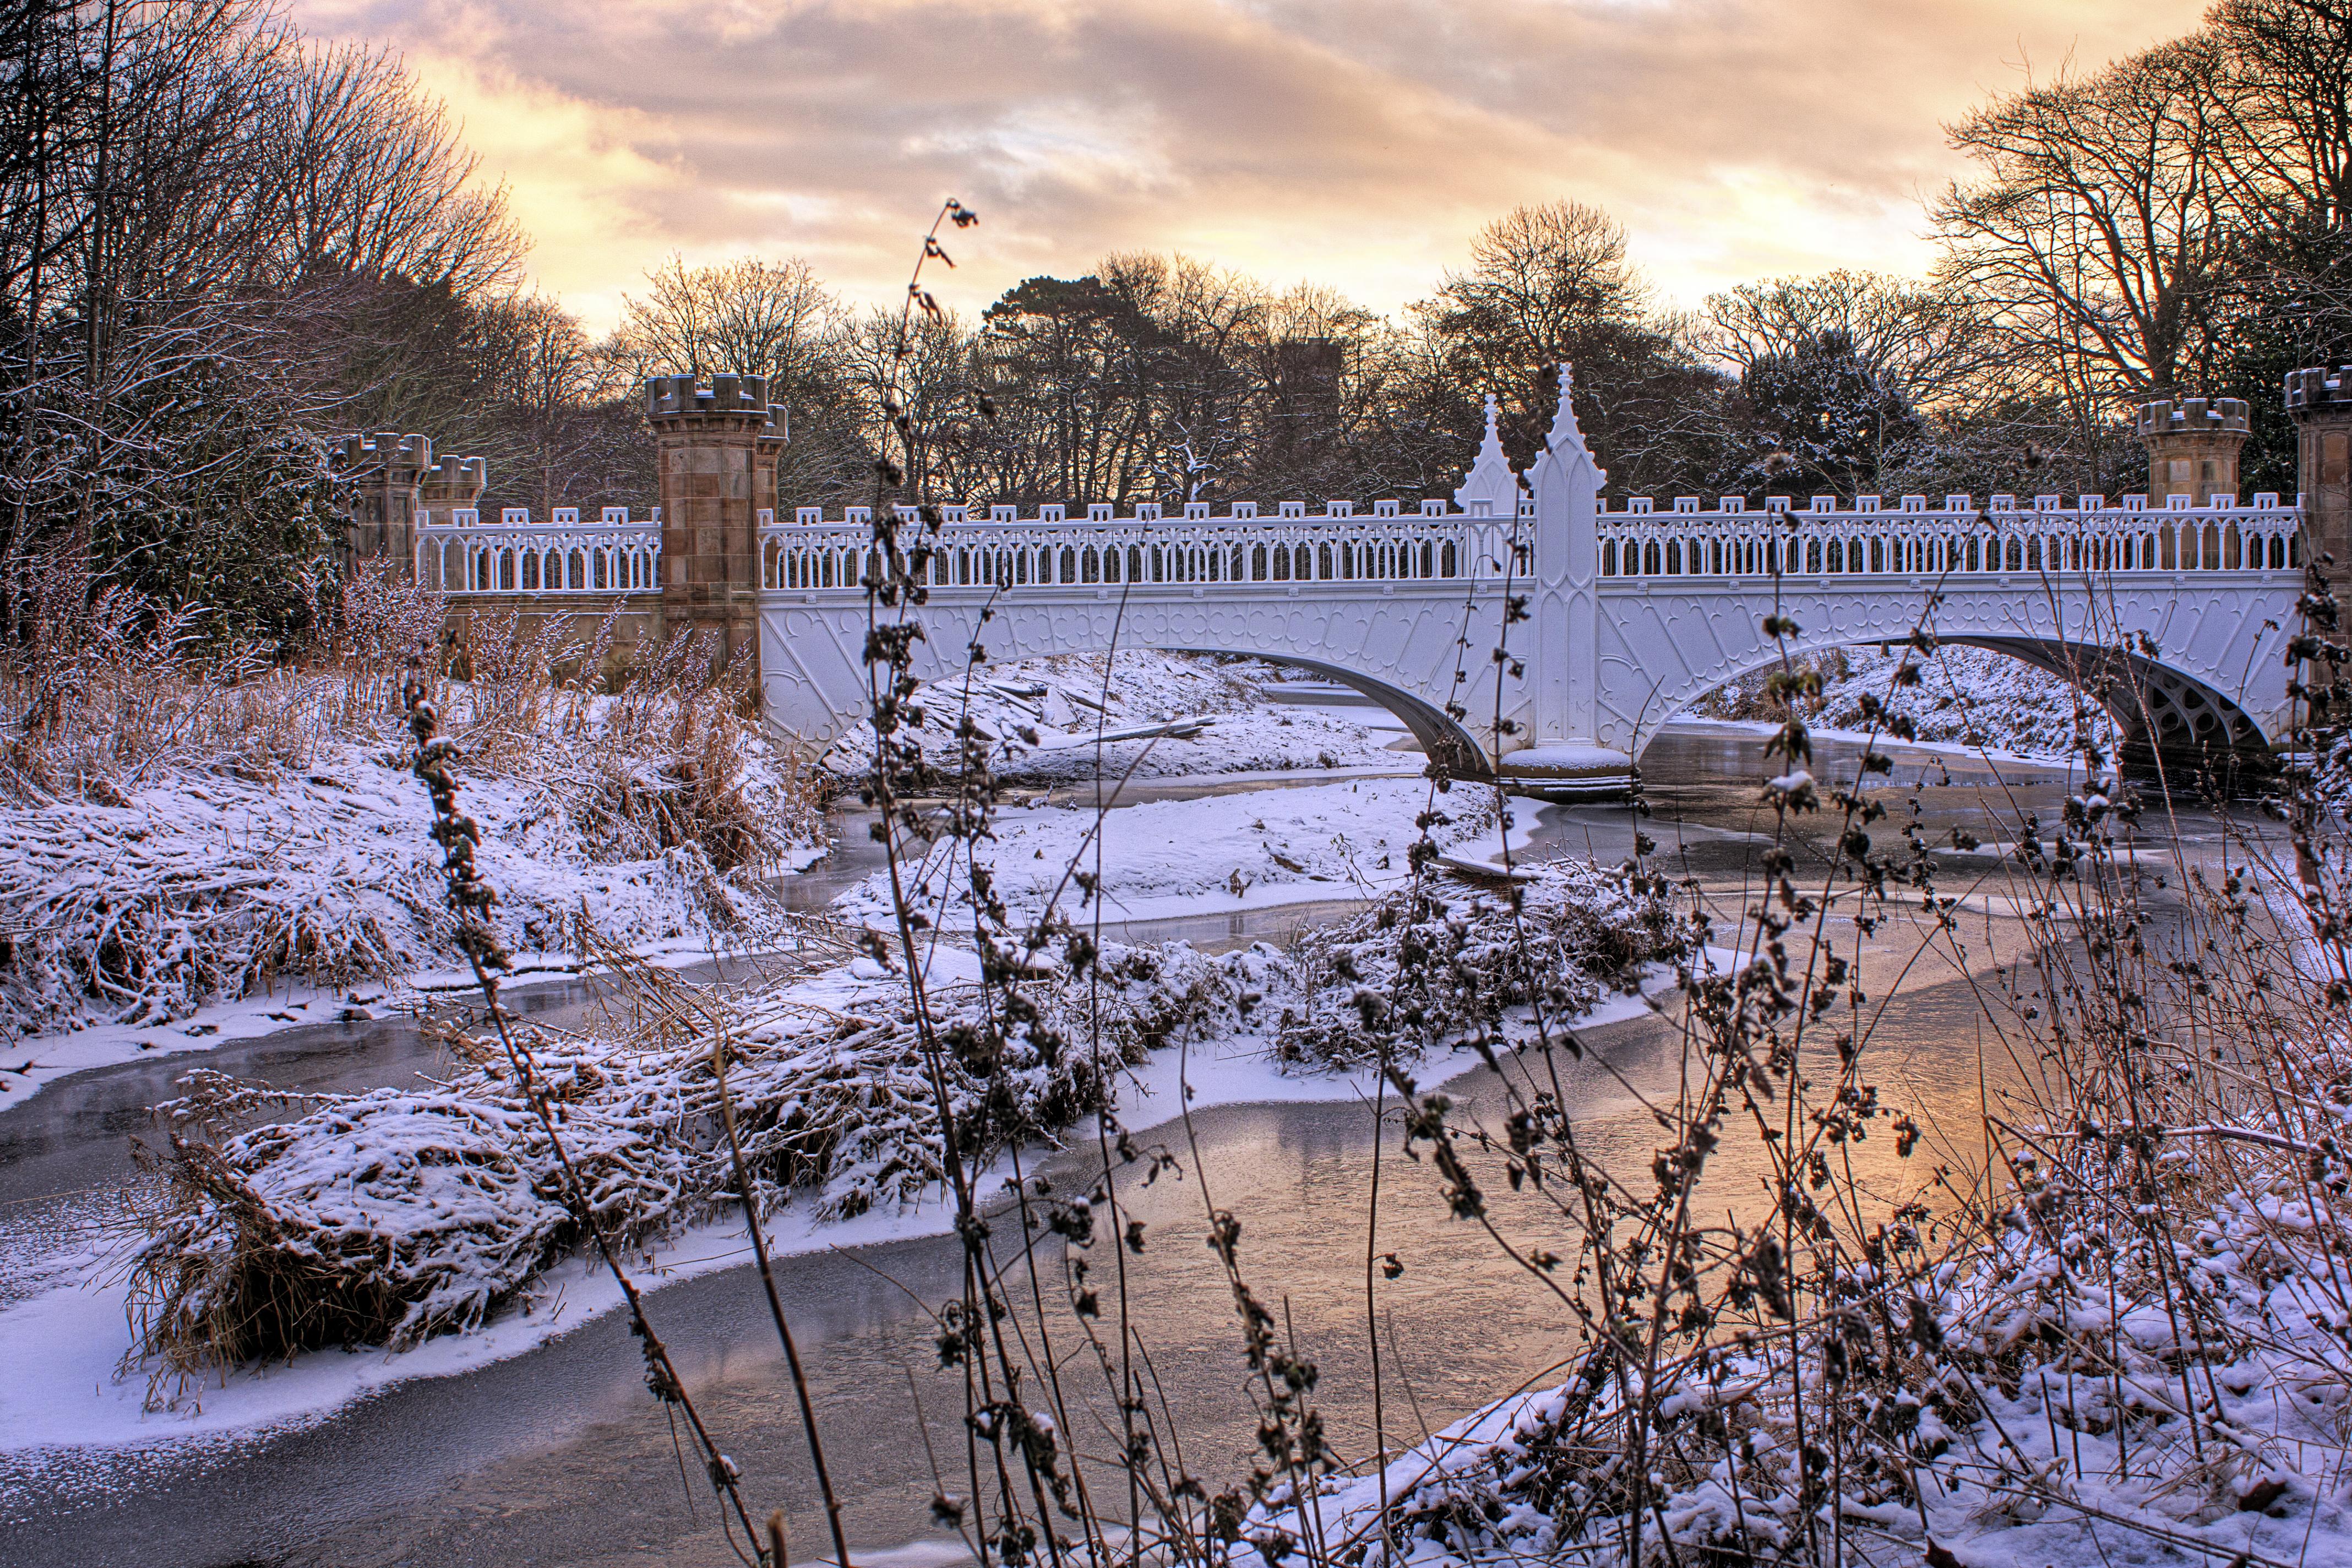 Tournament Bridge Eglinton Park L16